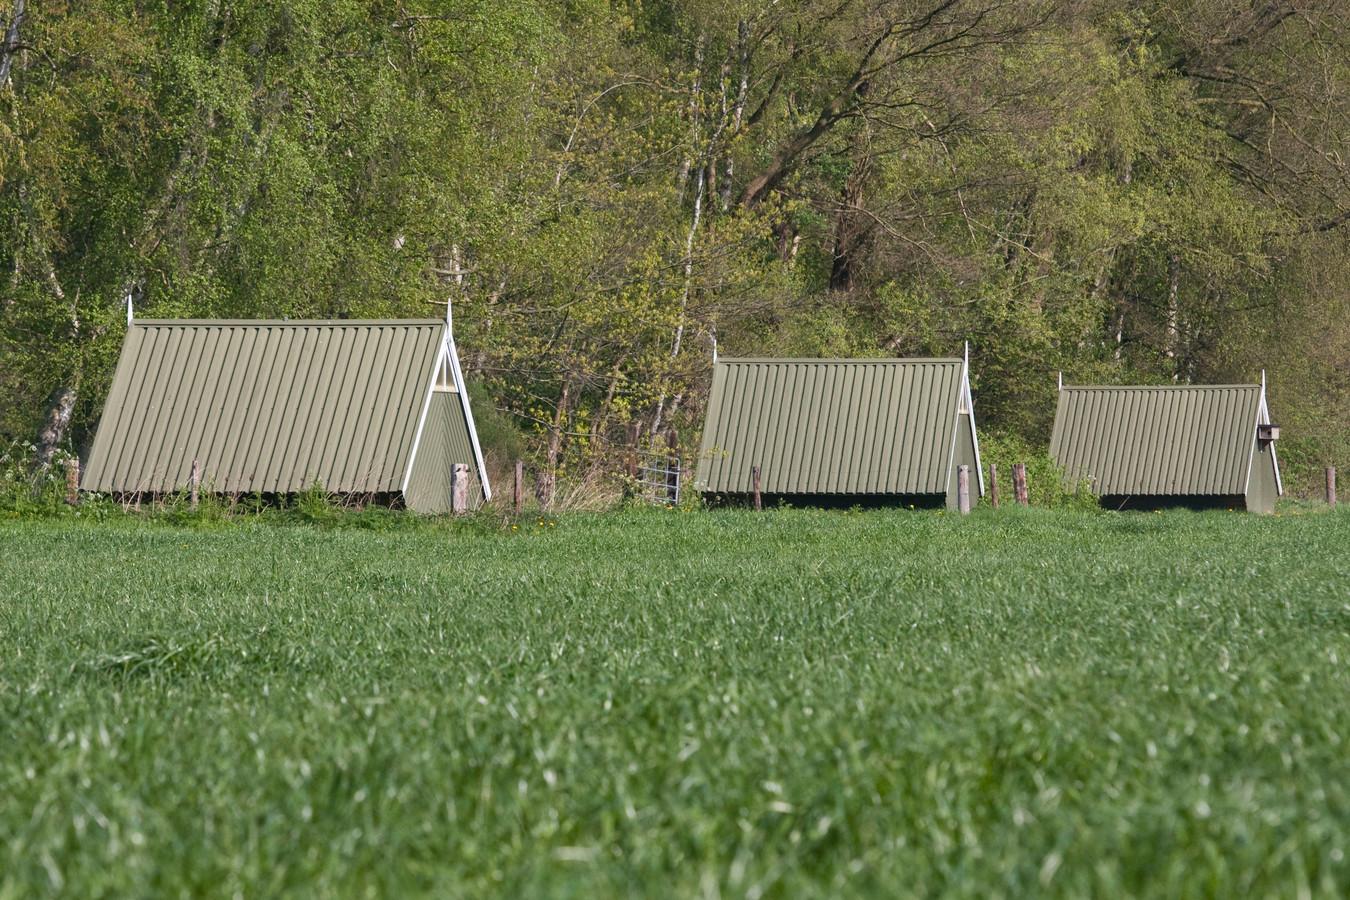 De bekende zouthuisjes. Nieuwe zouthuisjes in Haaksbergen moeten zorgvuldig worden ingepast in het landschap, aldus de gemeente.